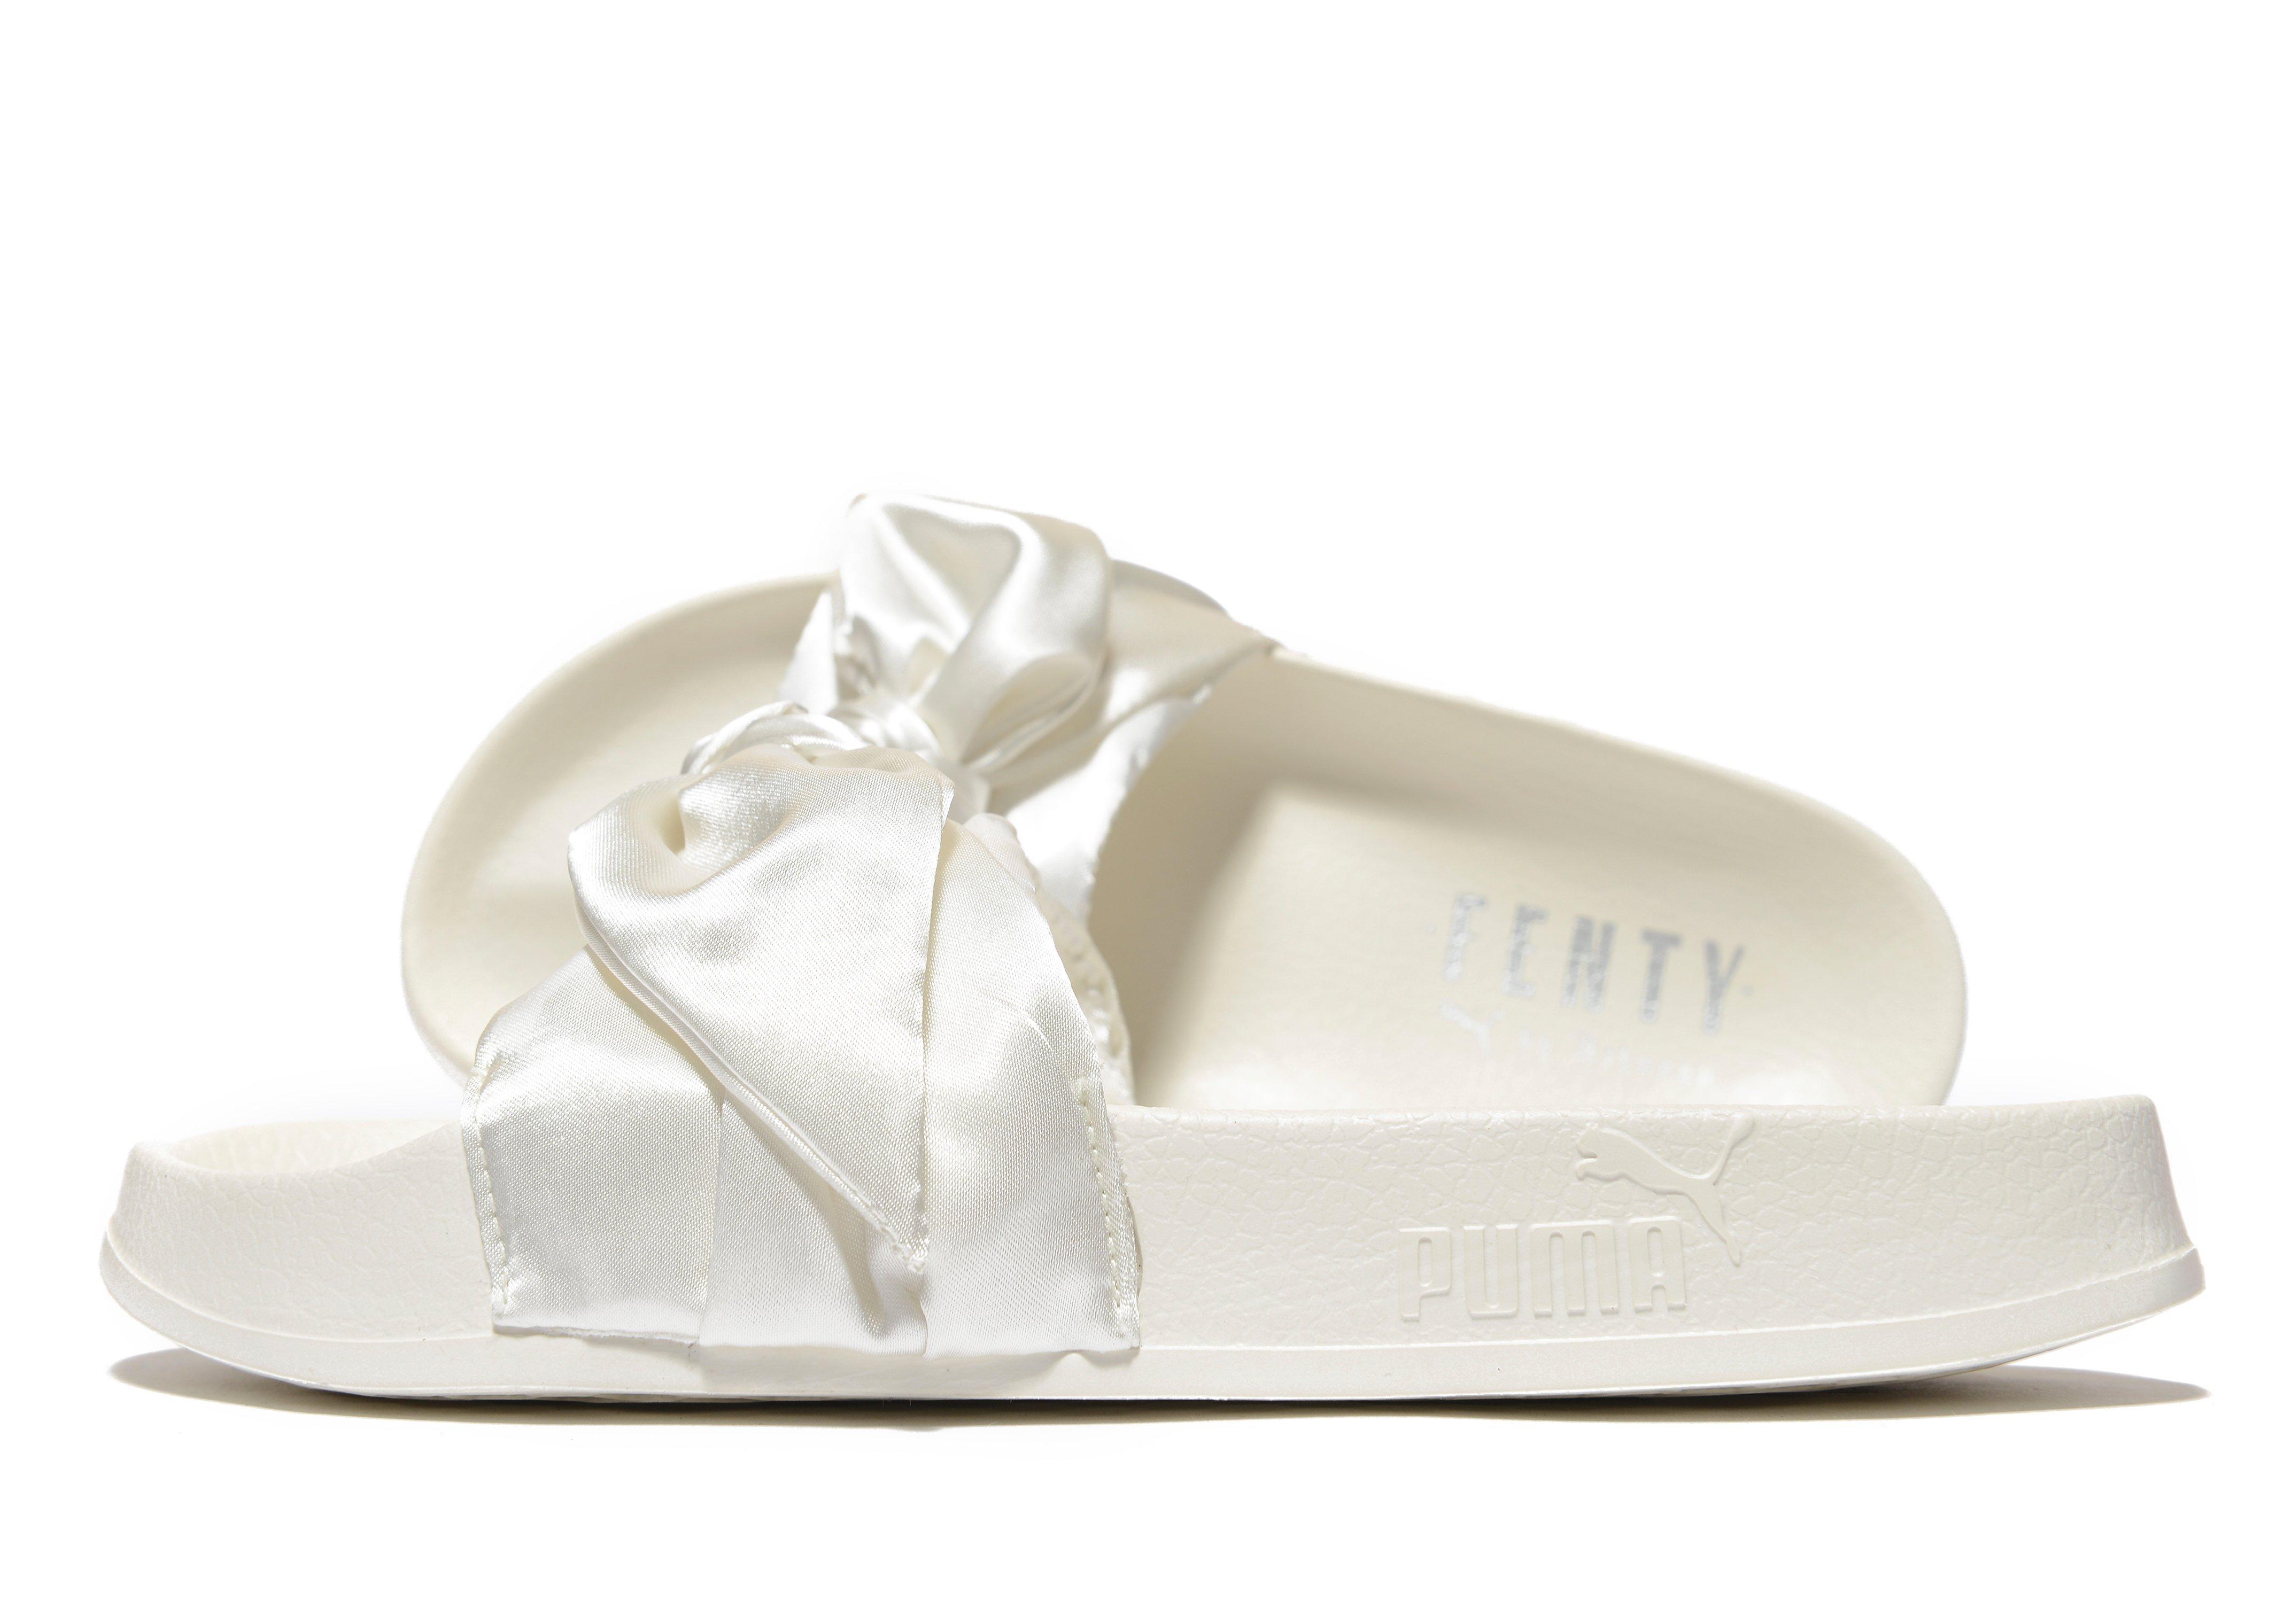 3bdb1d764148 Lyst - PUMA Fenty Bow Slide in White